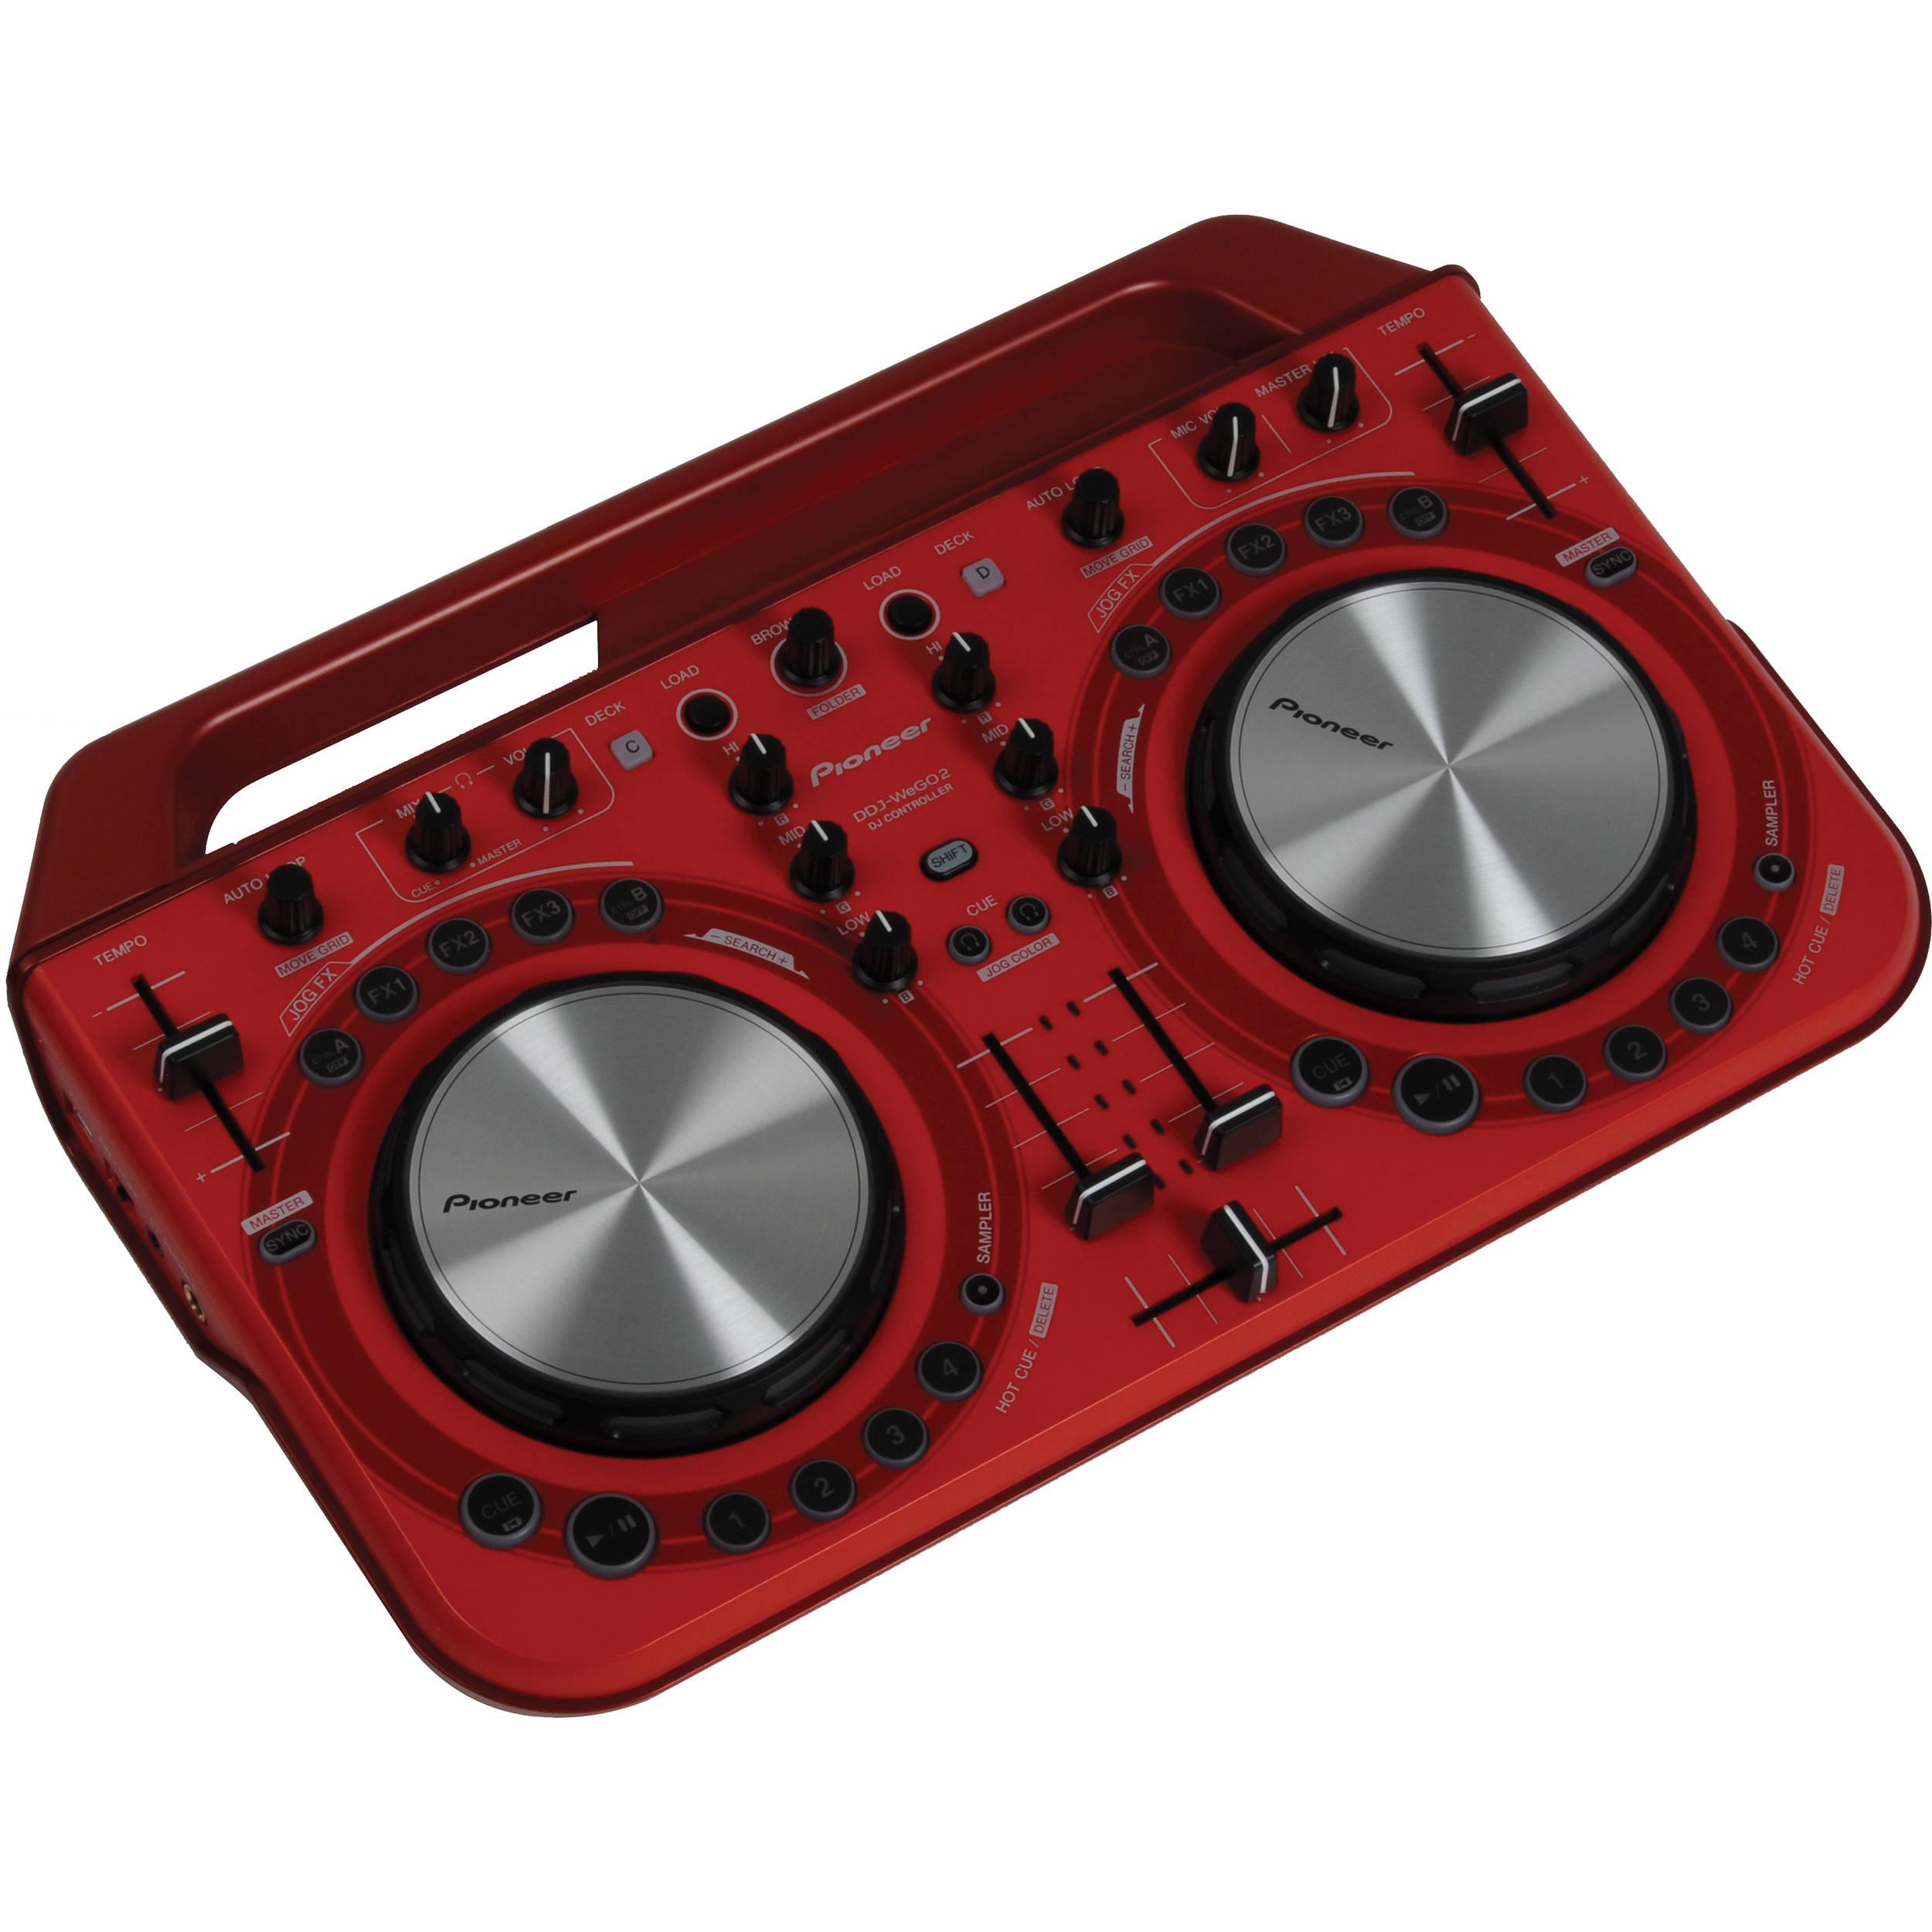 Pioneer DDJ-WeGO2 Digital DJ Controller (Red) DDJ-WEGO2-R B&H